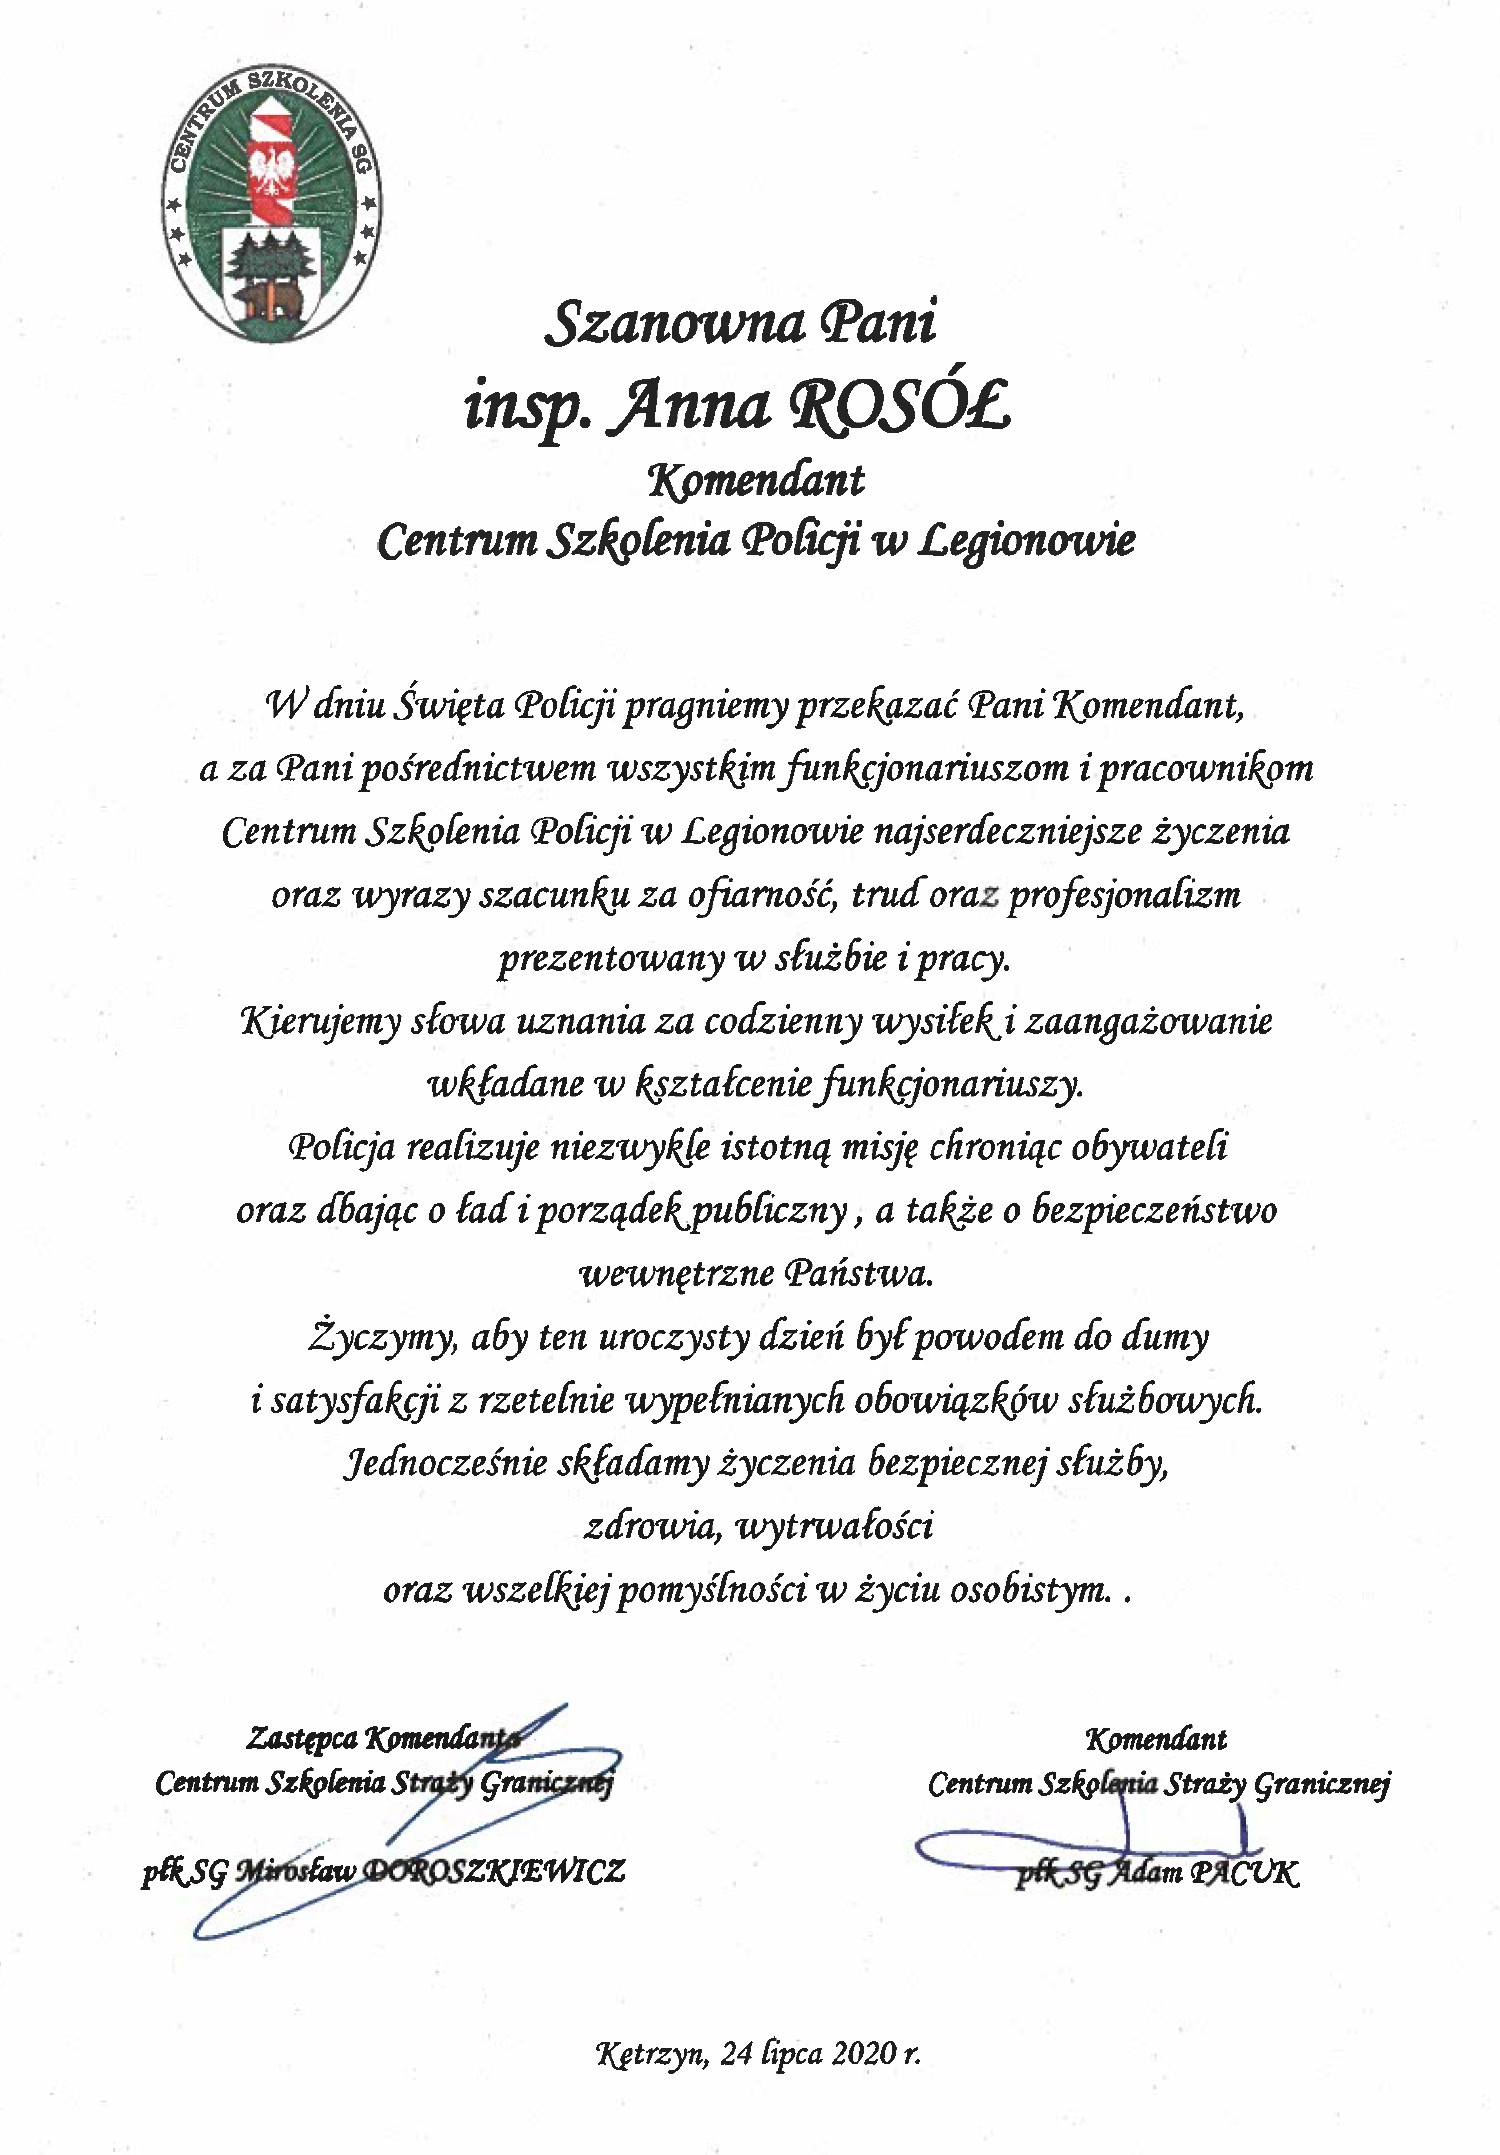 https://csp.edu.pl/dokumenty/zalaczniki/6/6-32515_g.jpg